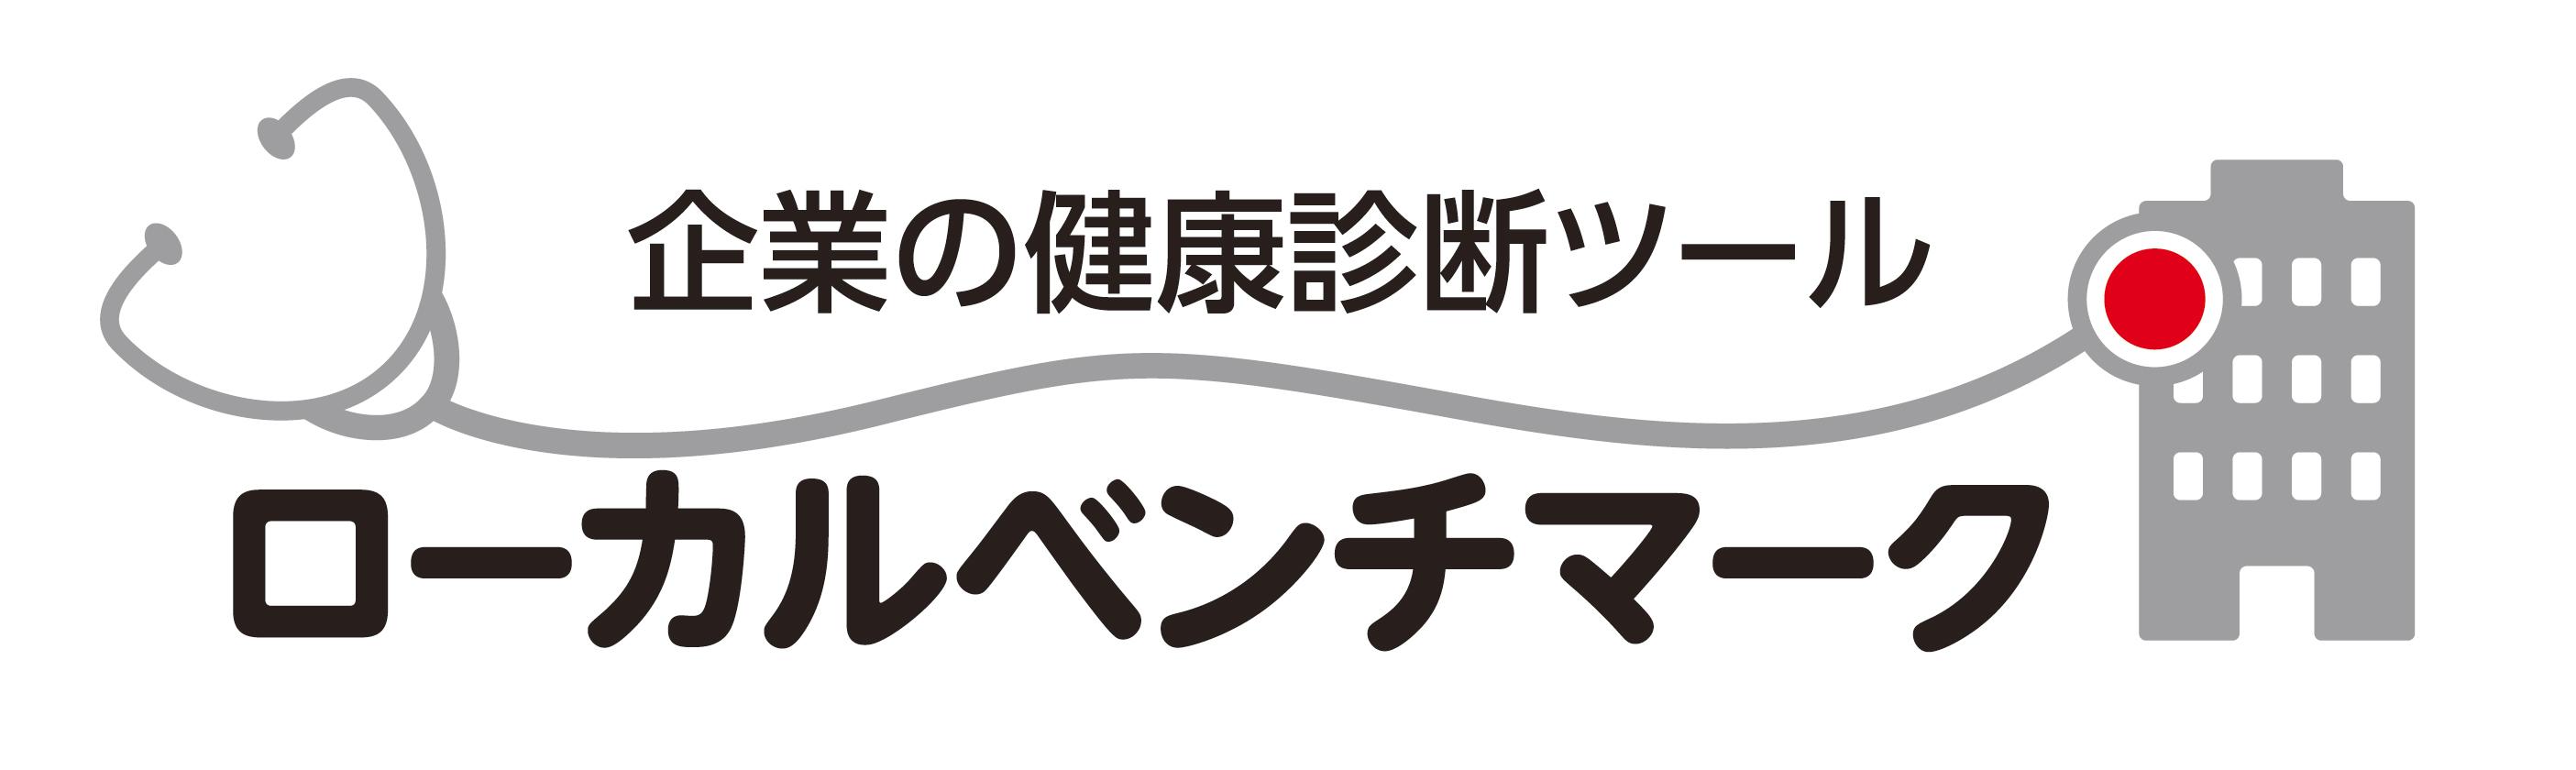 企業の健康診断ツール「ローカルベンチマーク(通称:ロカベン)」